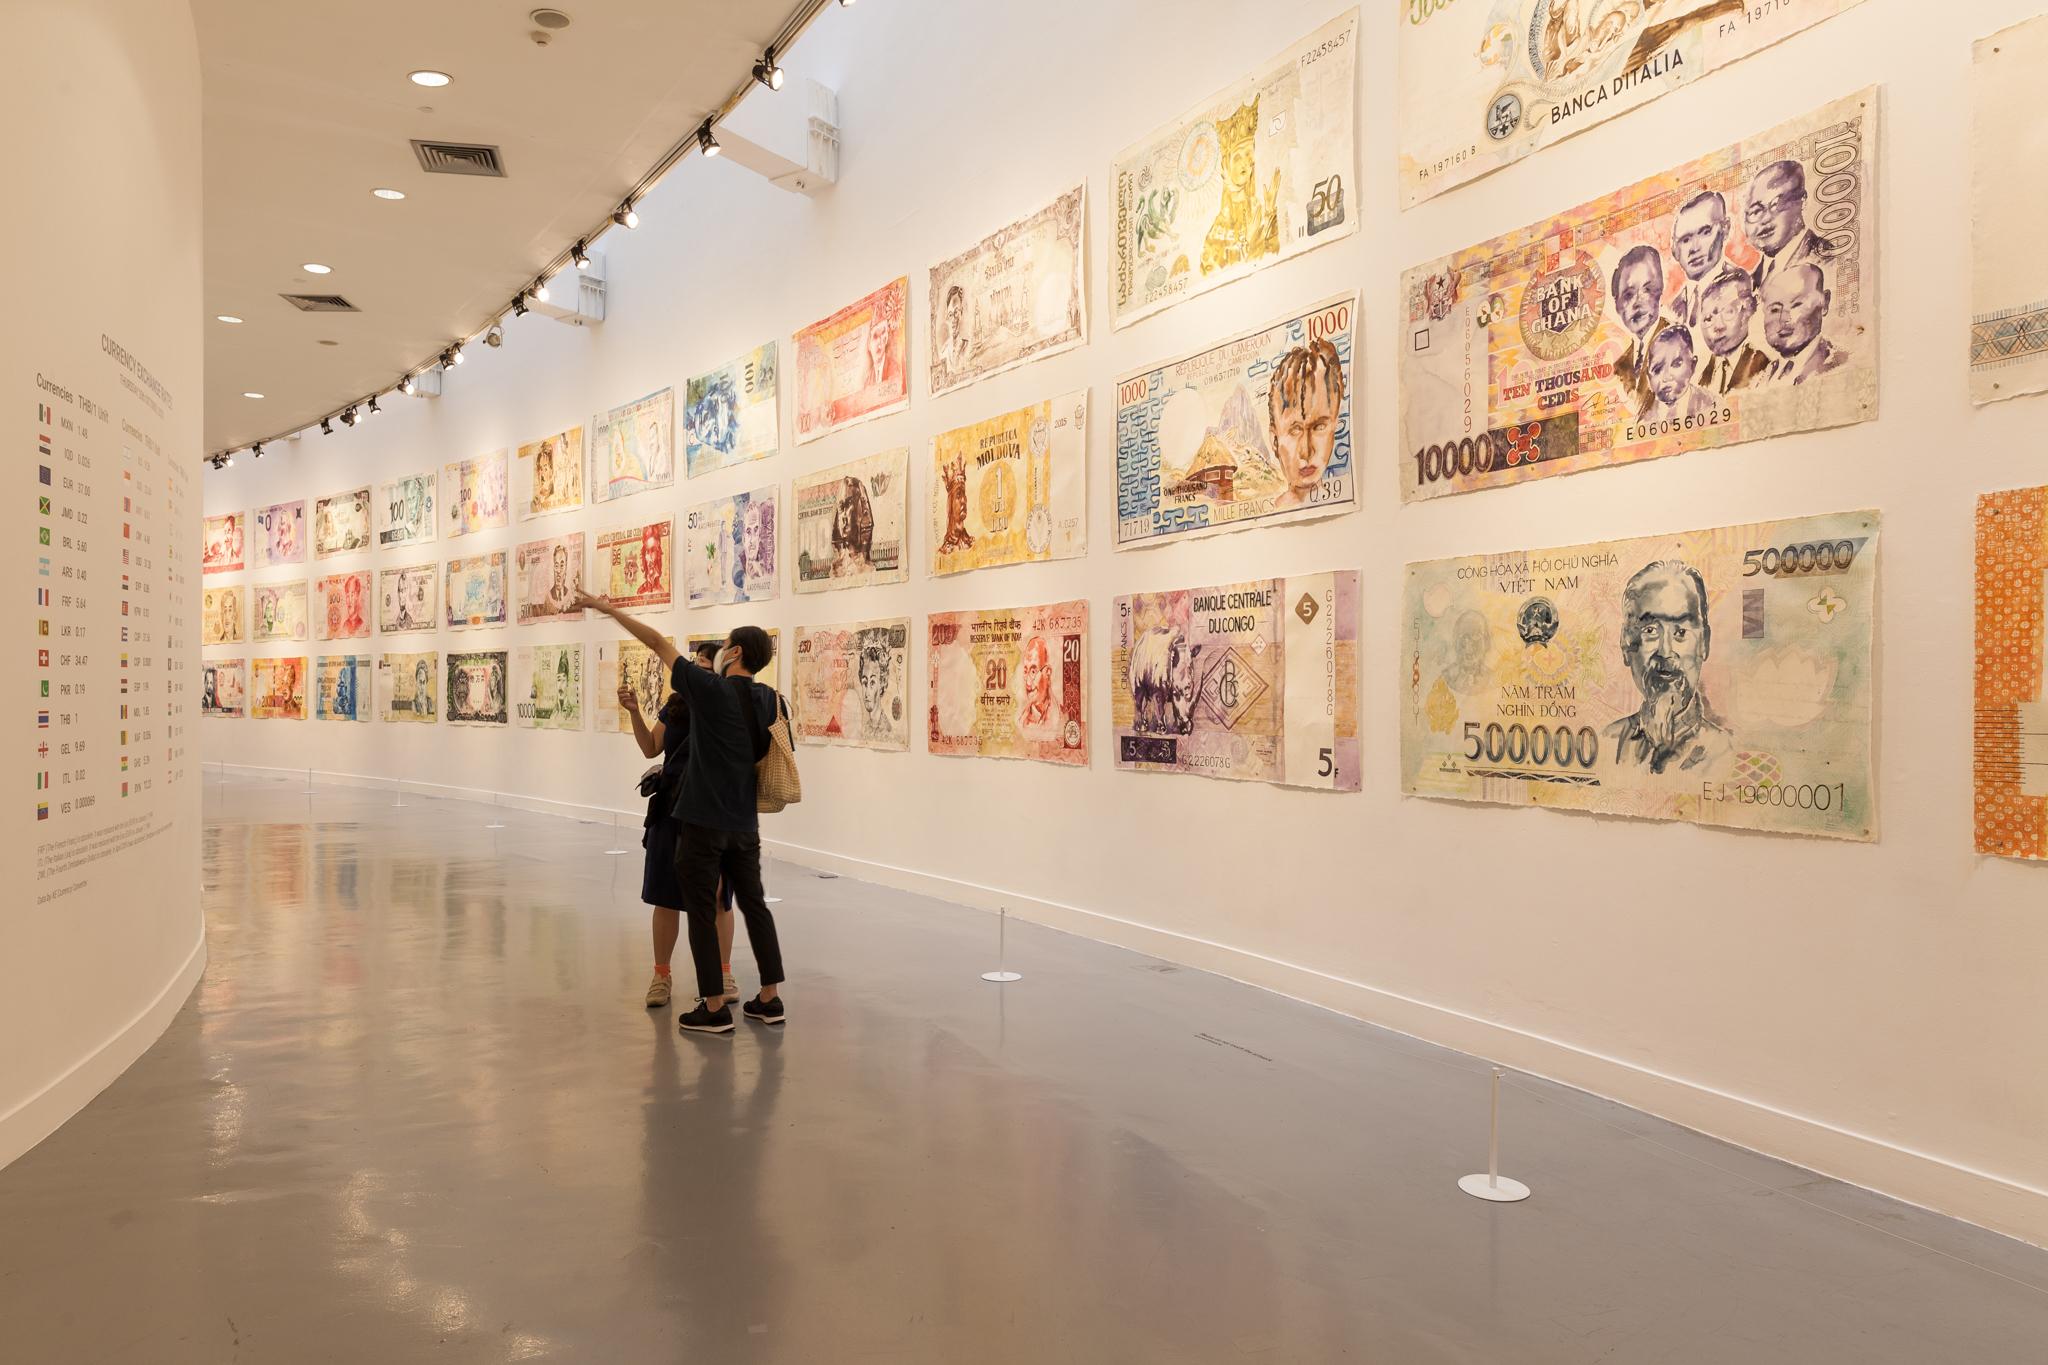 กทม. ผ่อนคลายเปิด 5 สถานที่ รวมหอศิลป์ ร้านนวด สวนสาธารณะ มีผล 1 มิถุนายน เป็นต้นไป